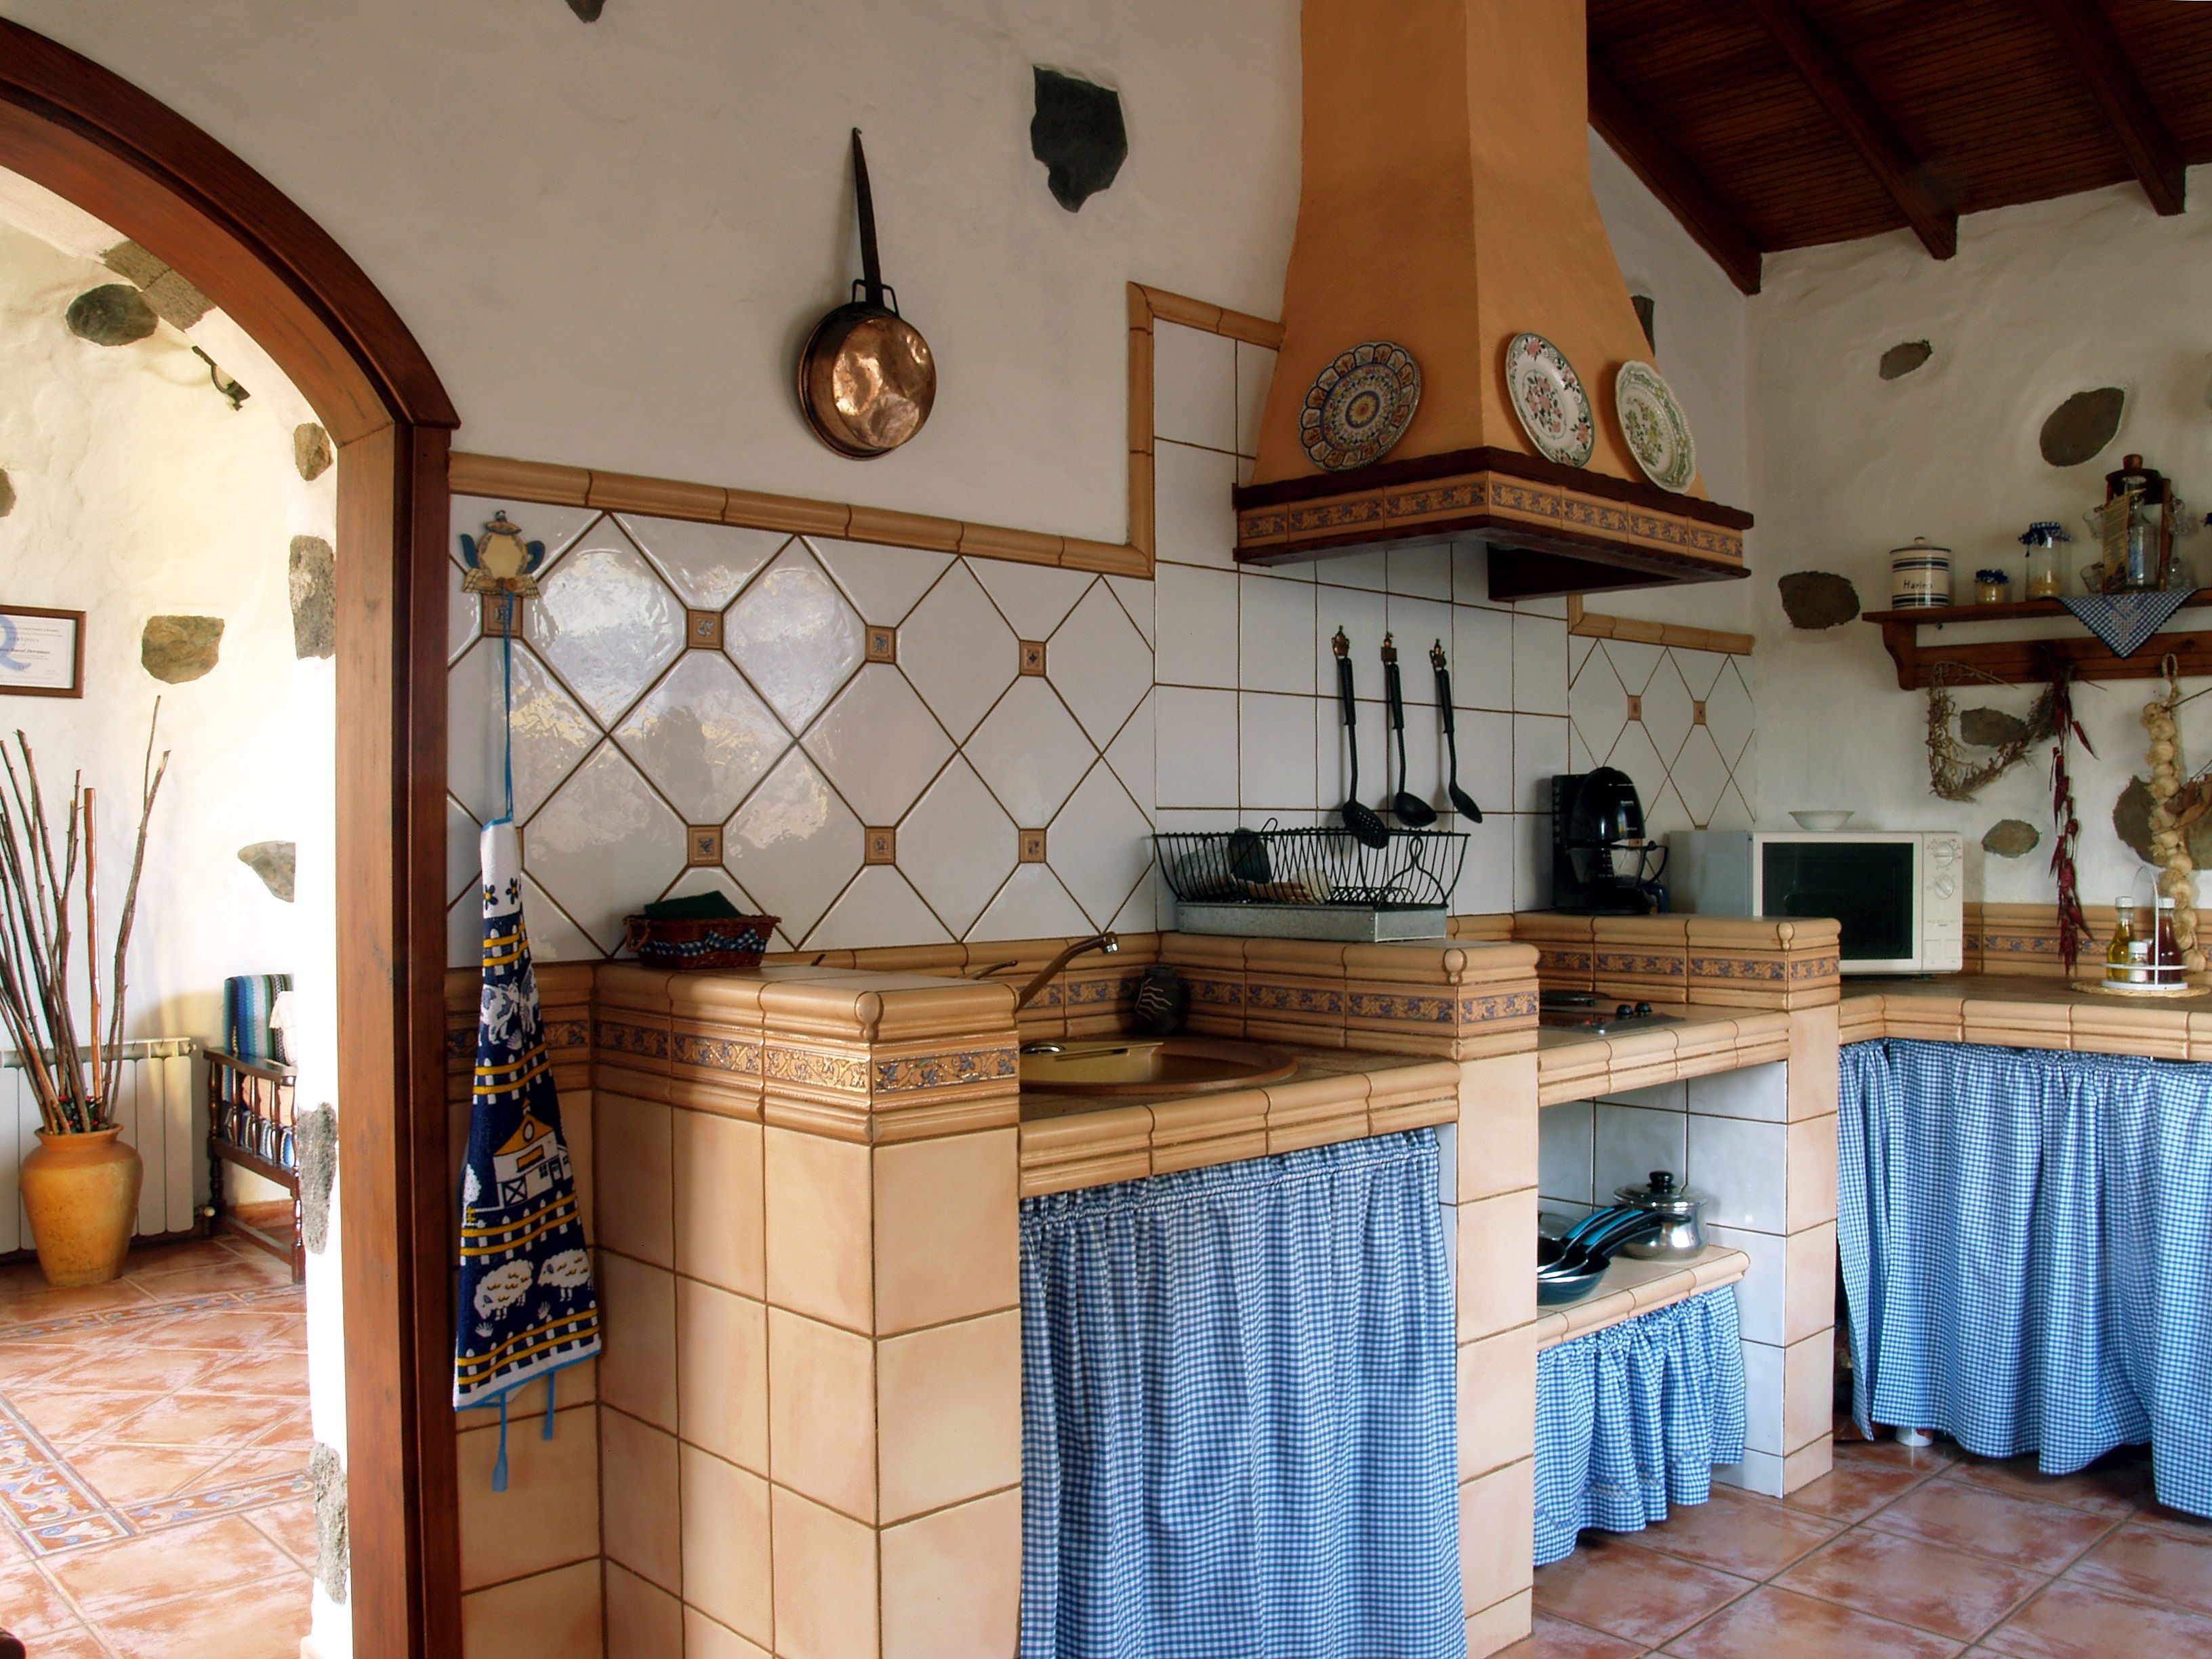 Cocina casa rural doramas pinterest cocinas cocinas r sticas y casas - Cocinas rusticas de mamposteria ...